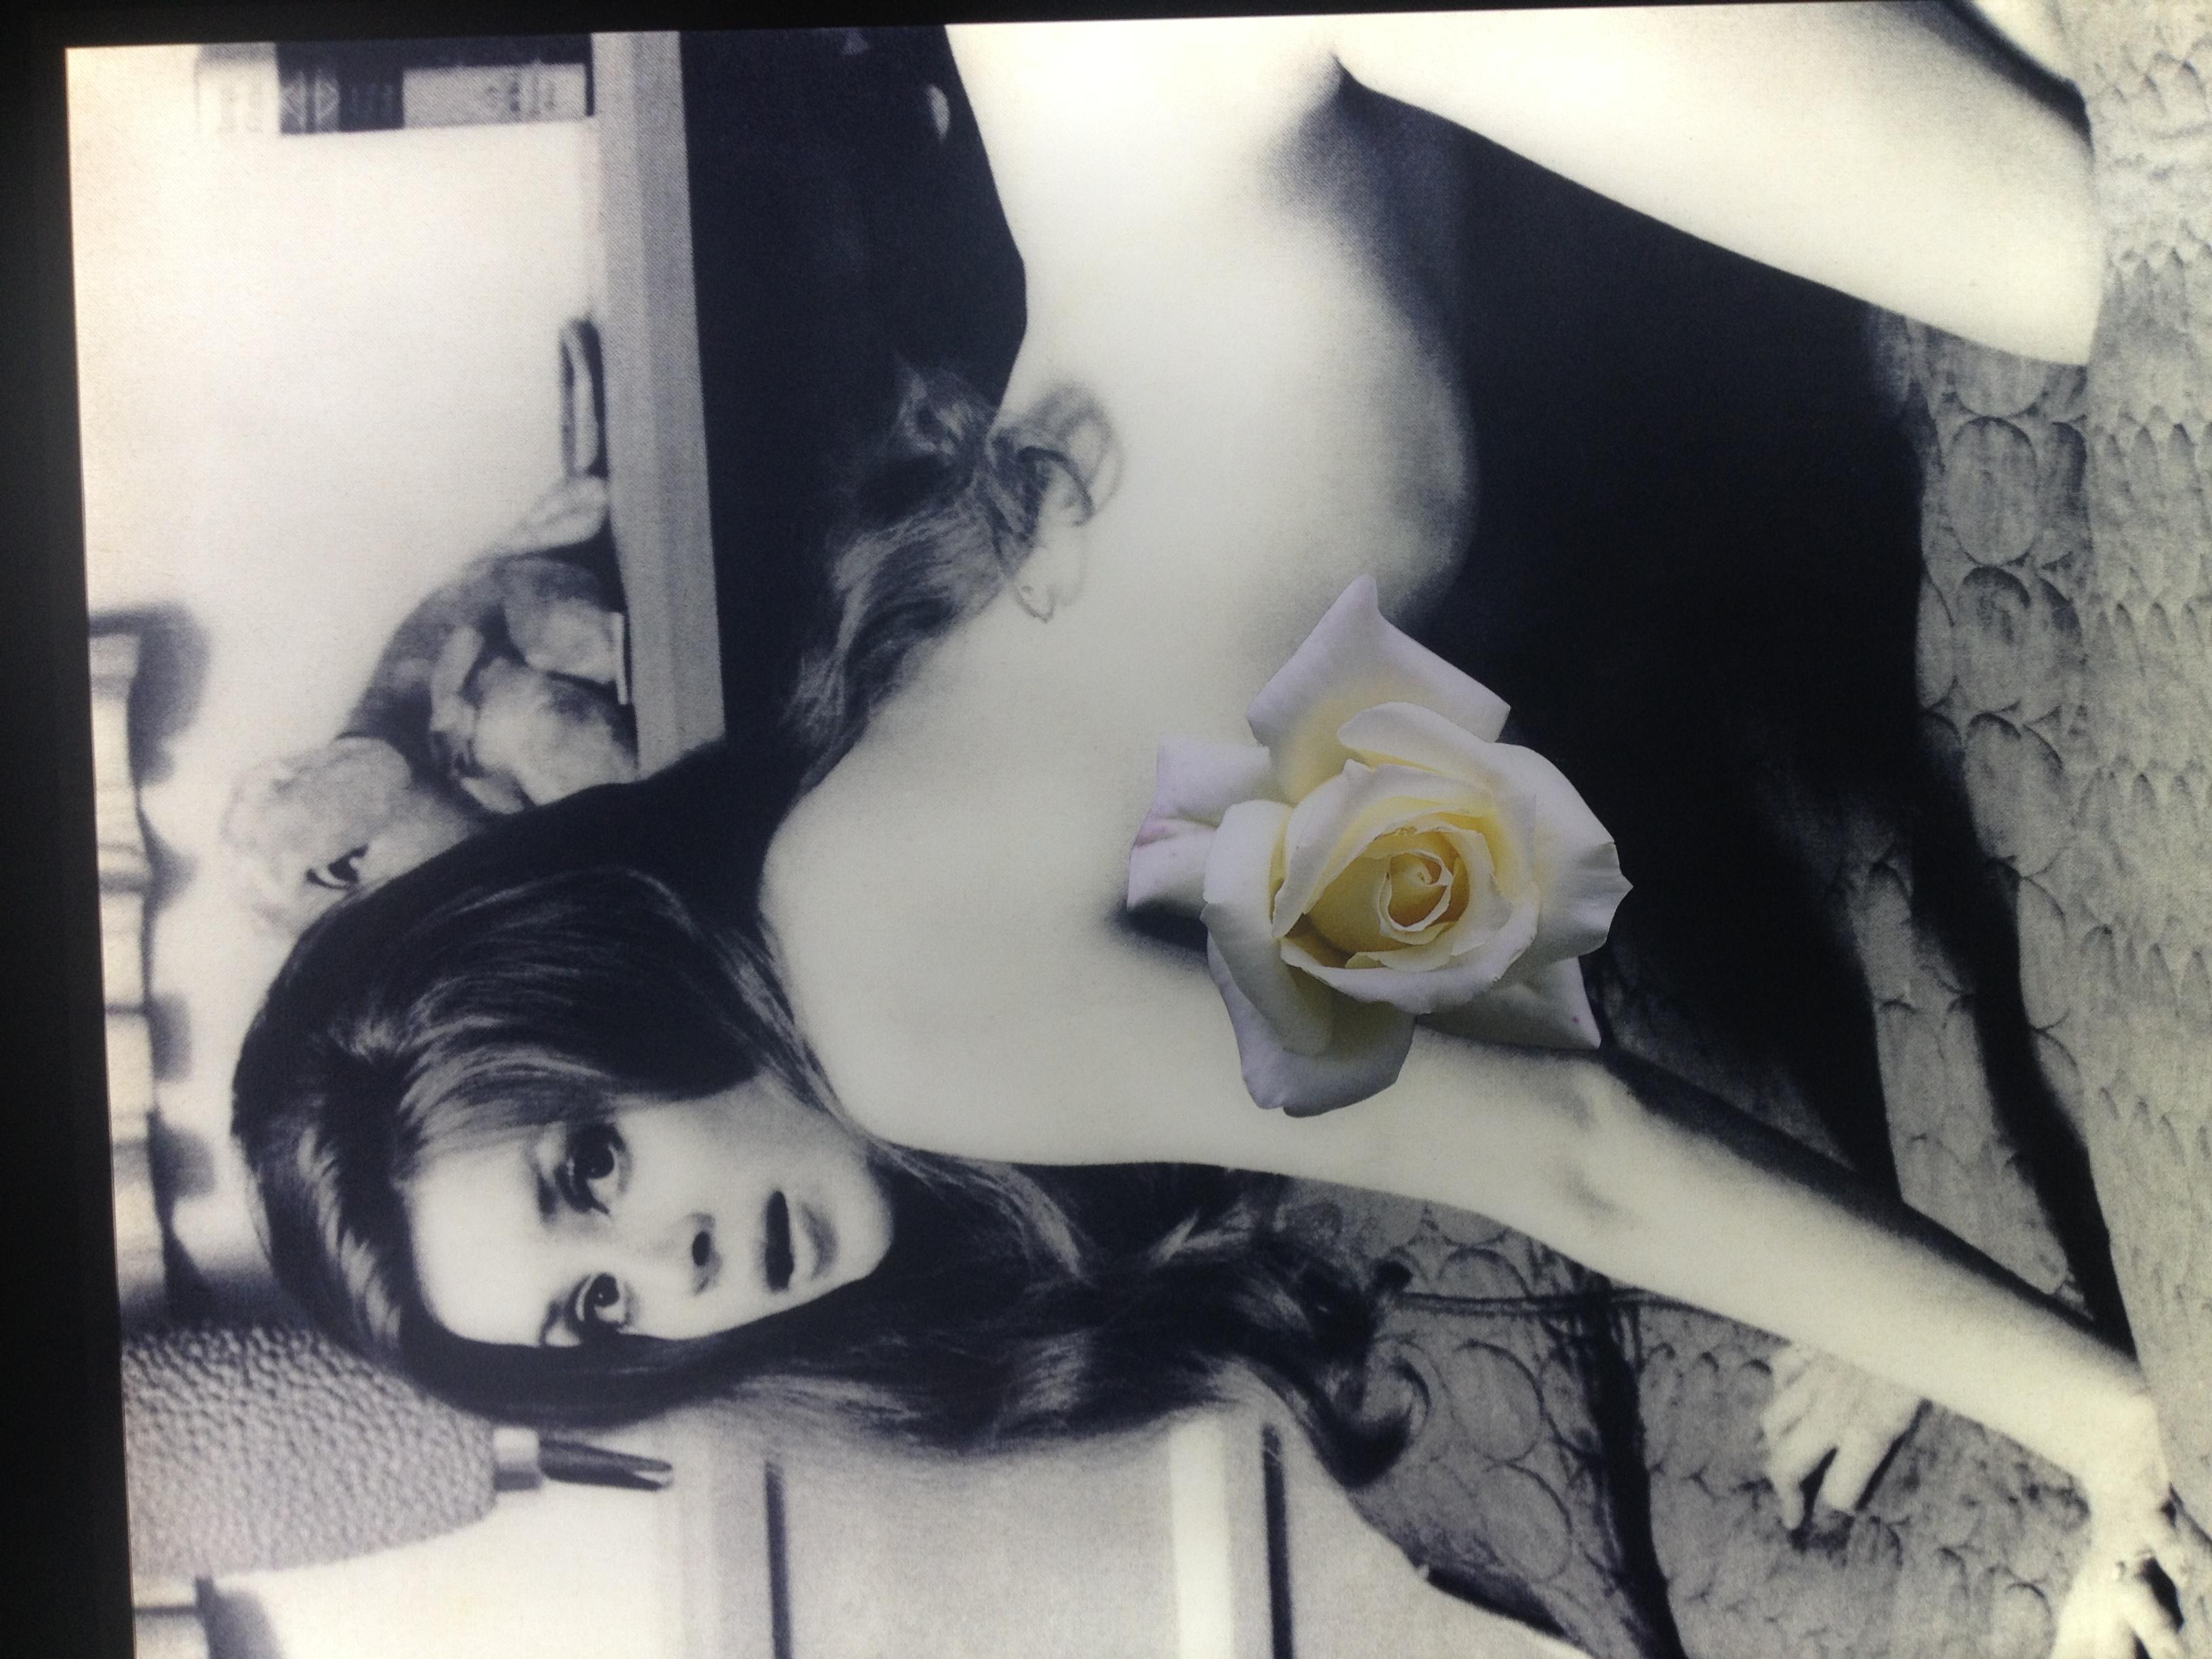 I celebri collage sulla figura femminile di Linder Sterling | Collater.al 5